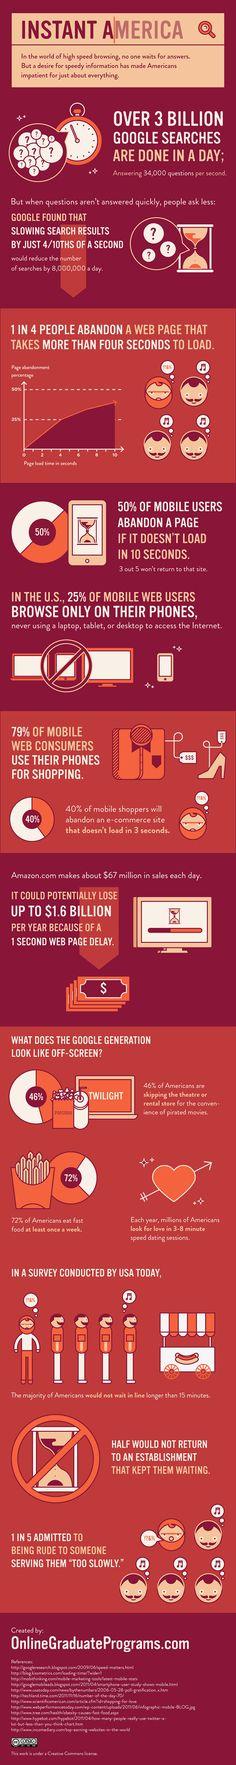 ¡Cuidado con la velocidad de tu website! Americans Don't Have Time For Slow Websites